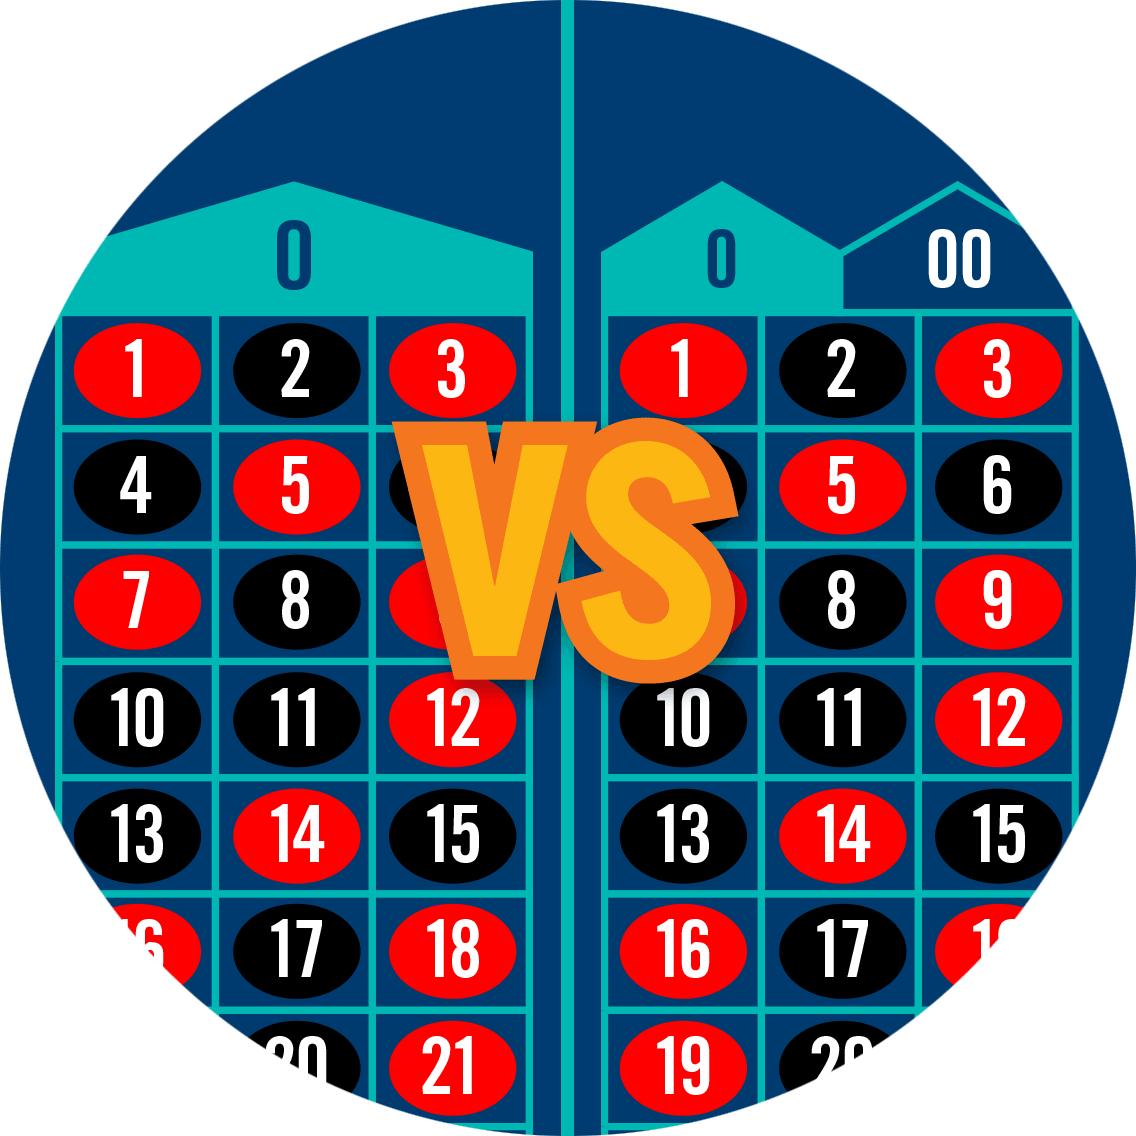 一张欧洲轮盘赌桌对比于一张美式轮盘赌桌。